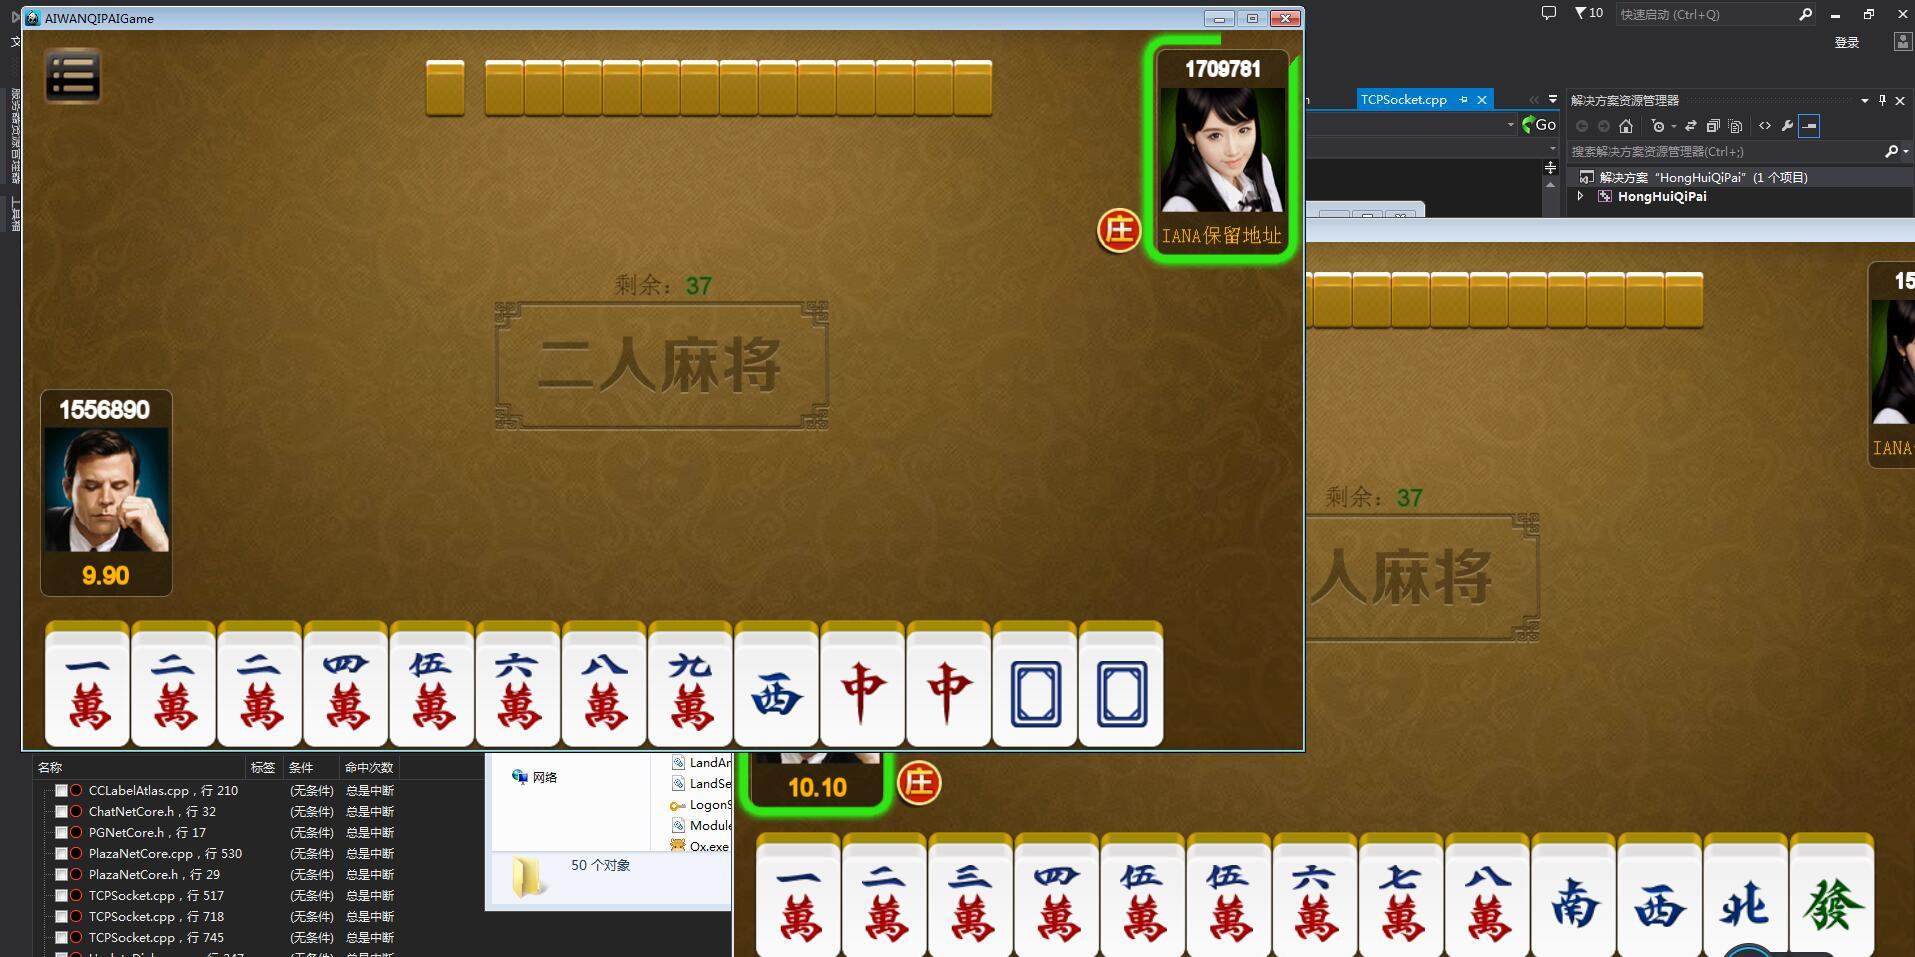 爱玩棋牌源码 爱玩棋牌真钱1:1源码 爱玩棋牌修复完整版插图(4)